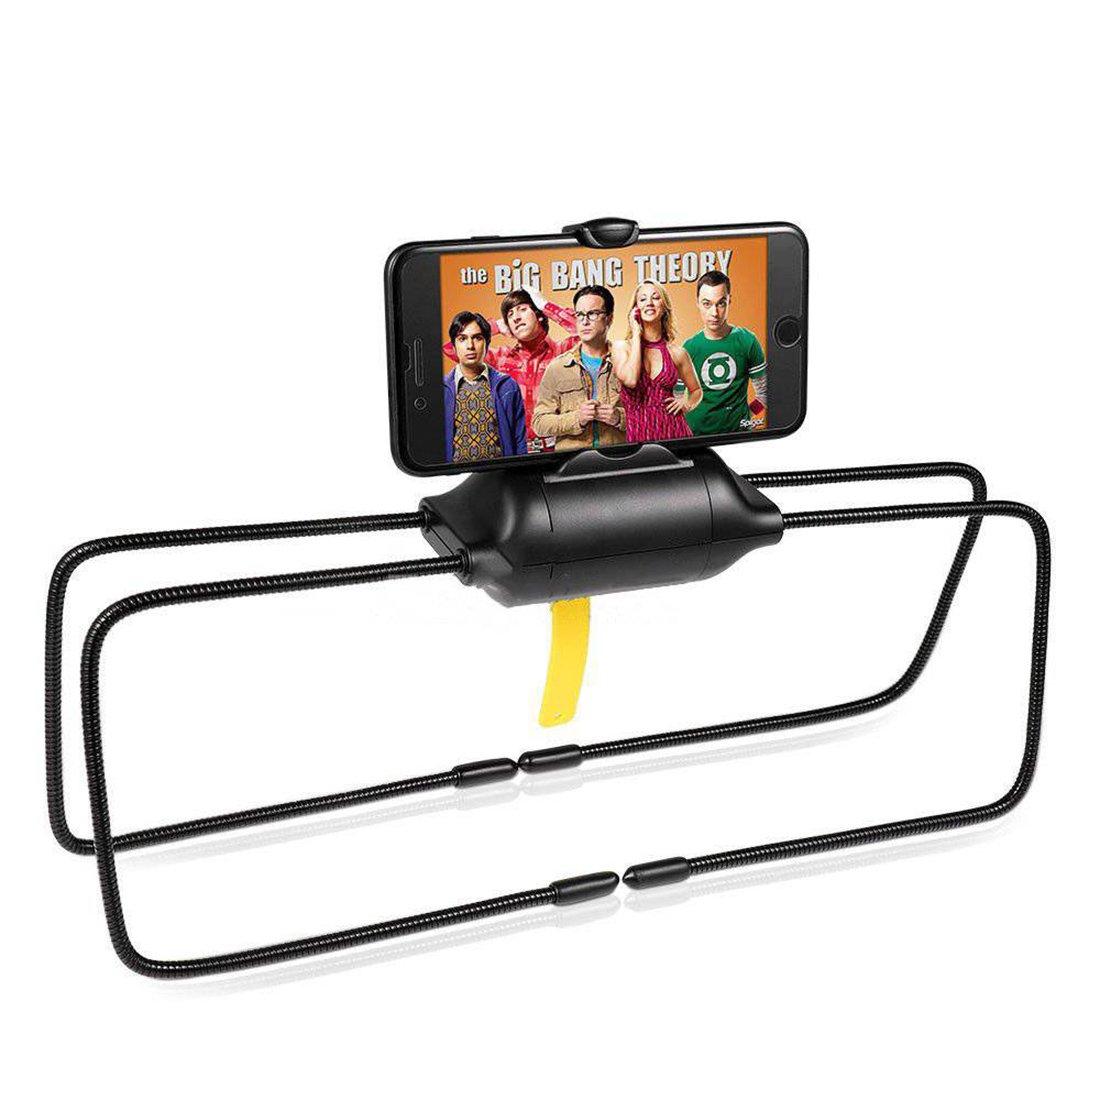 Cocina Soporte Flexible de Escritorio//Cama de Soporte de Tablet de ara/ña de piernas para el iPad y el iPhone Negro 360/Grados Universal Flexible para Cama sof/á Cuarto de ba/ño Oficina Coche